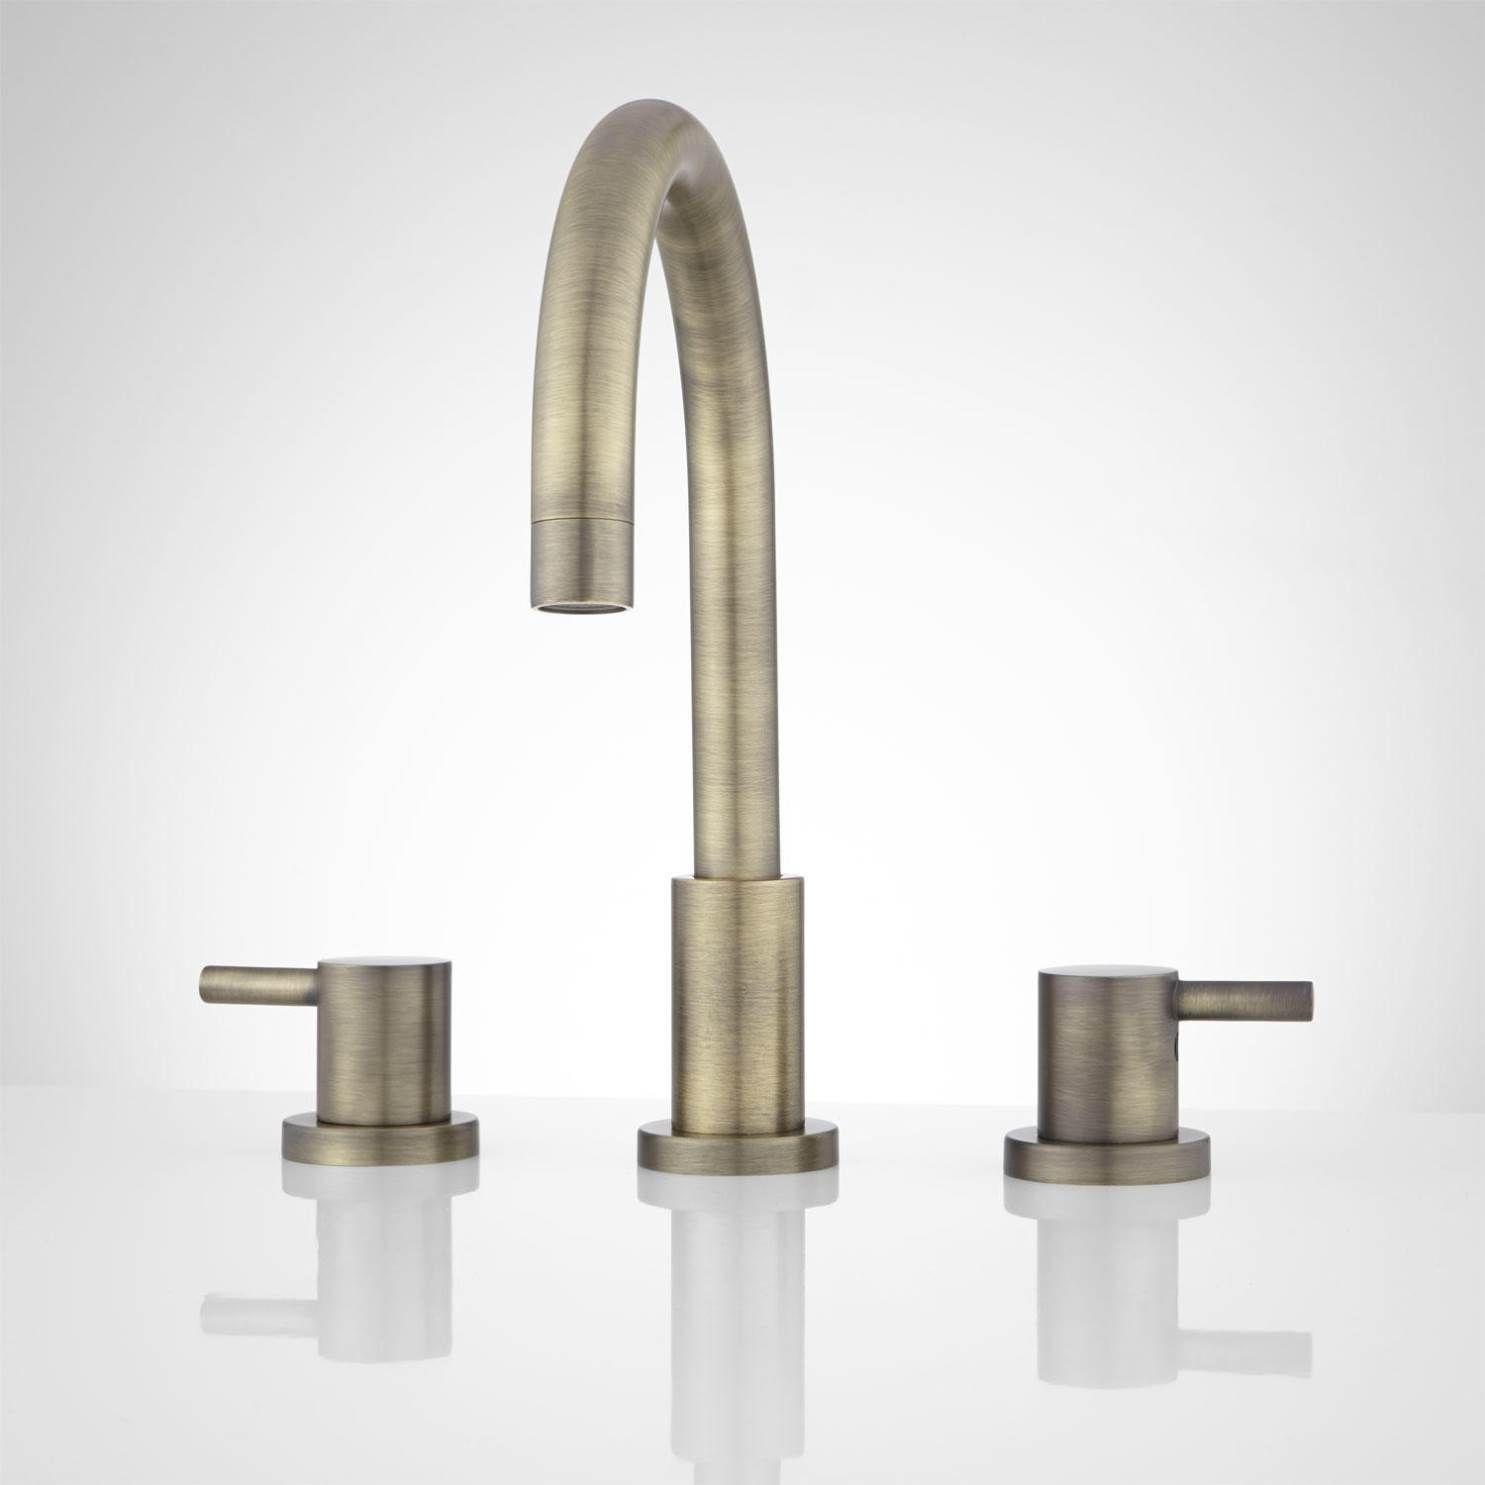 Ideas, moen antique brass faucets moen antique brass faucets antique brass bathroom faucet easy natural 1485 x 1485  .